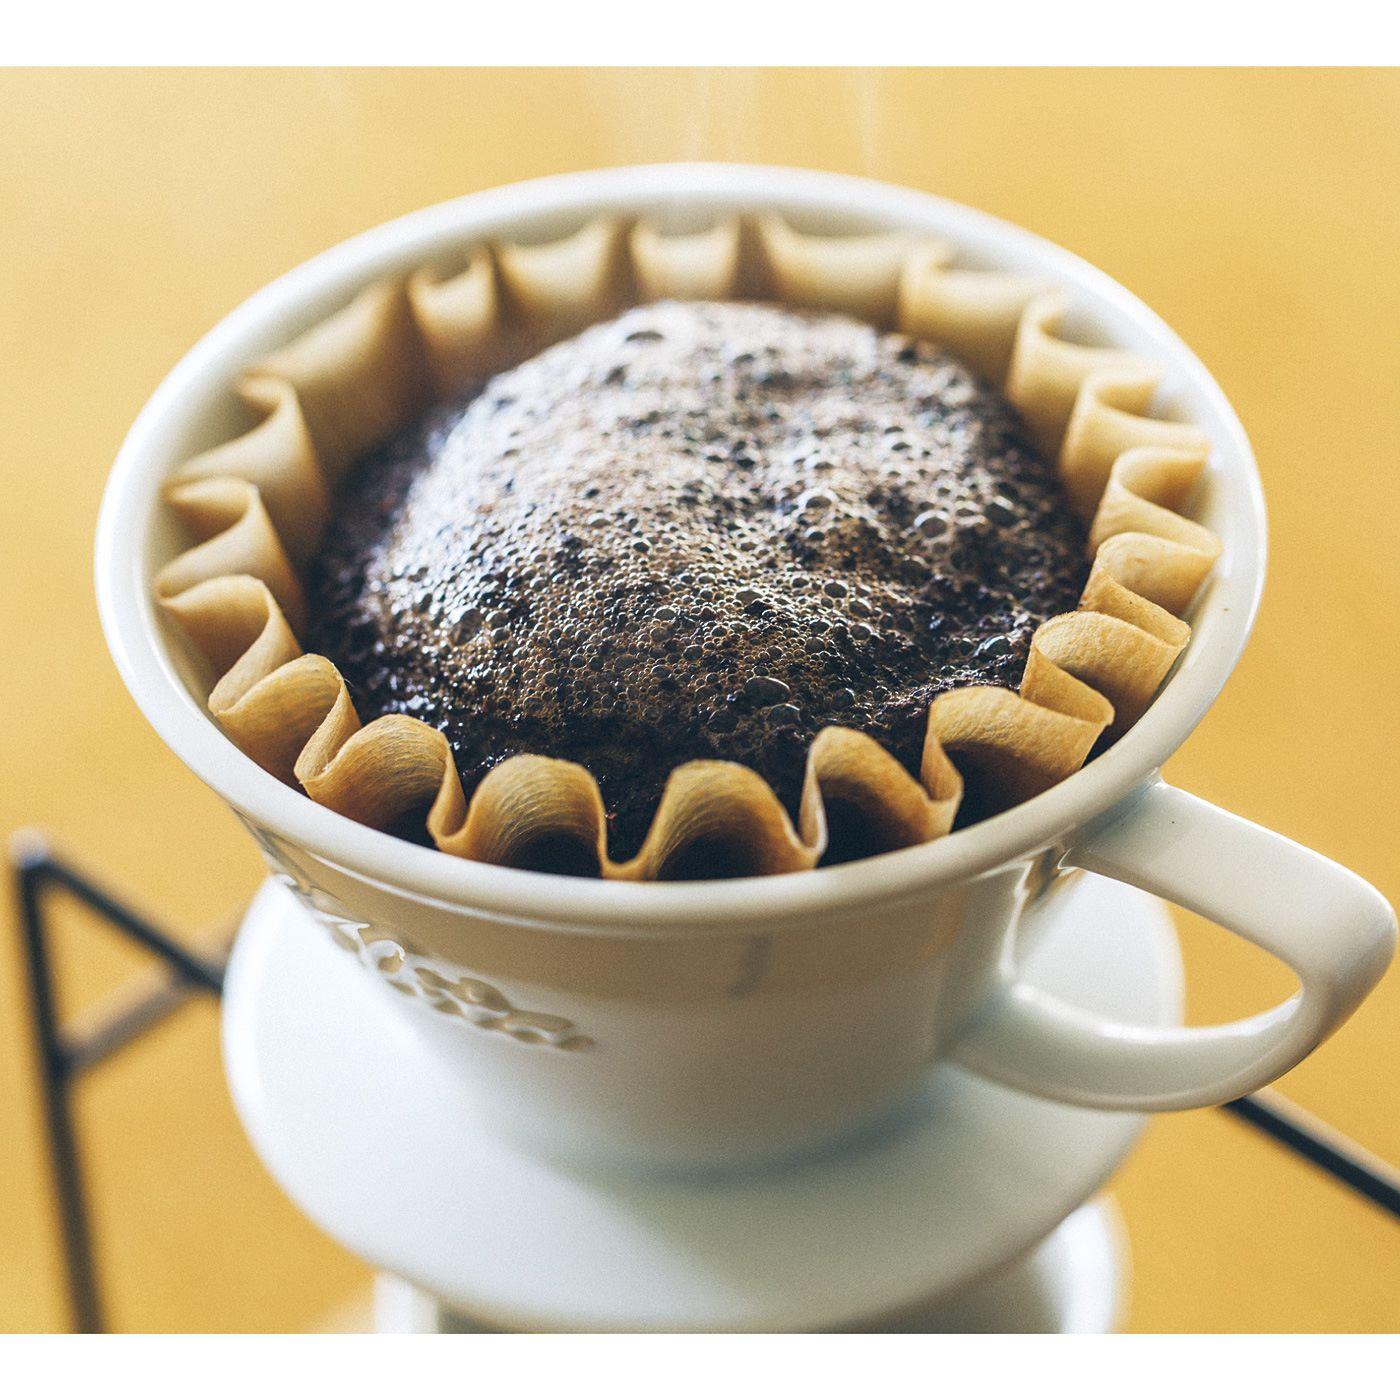 保温性の高いセラミック製のドリッパー。内部に入っているナミナミとペーパーフィルターのひだによって、ドリッパーとの接触面が少なくお湯が均一にまわりやすいからおいしいコーヒーが淹れられます。